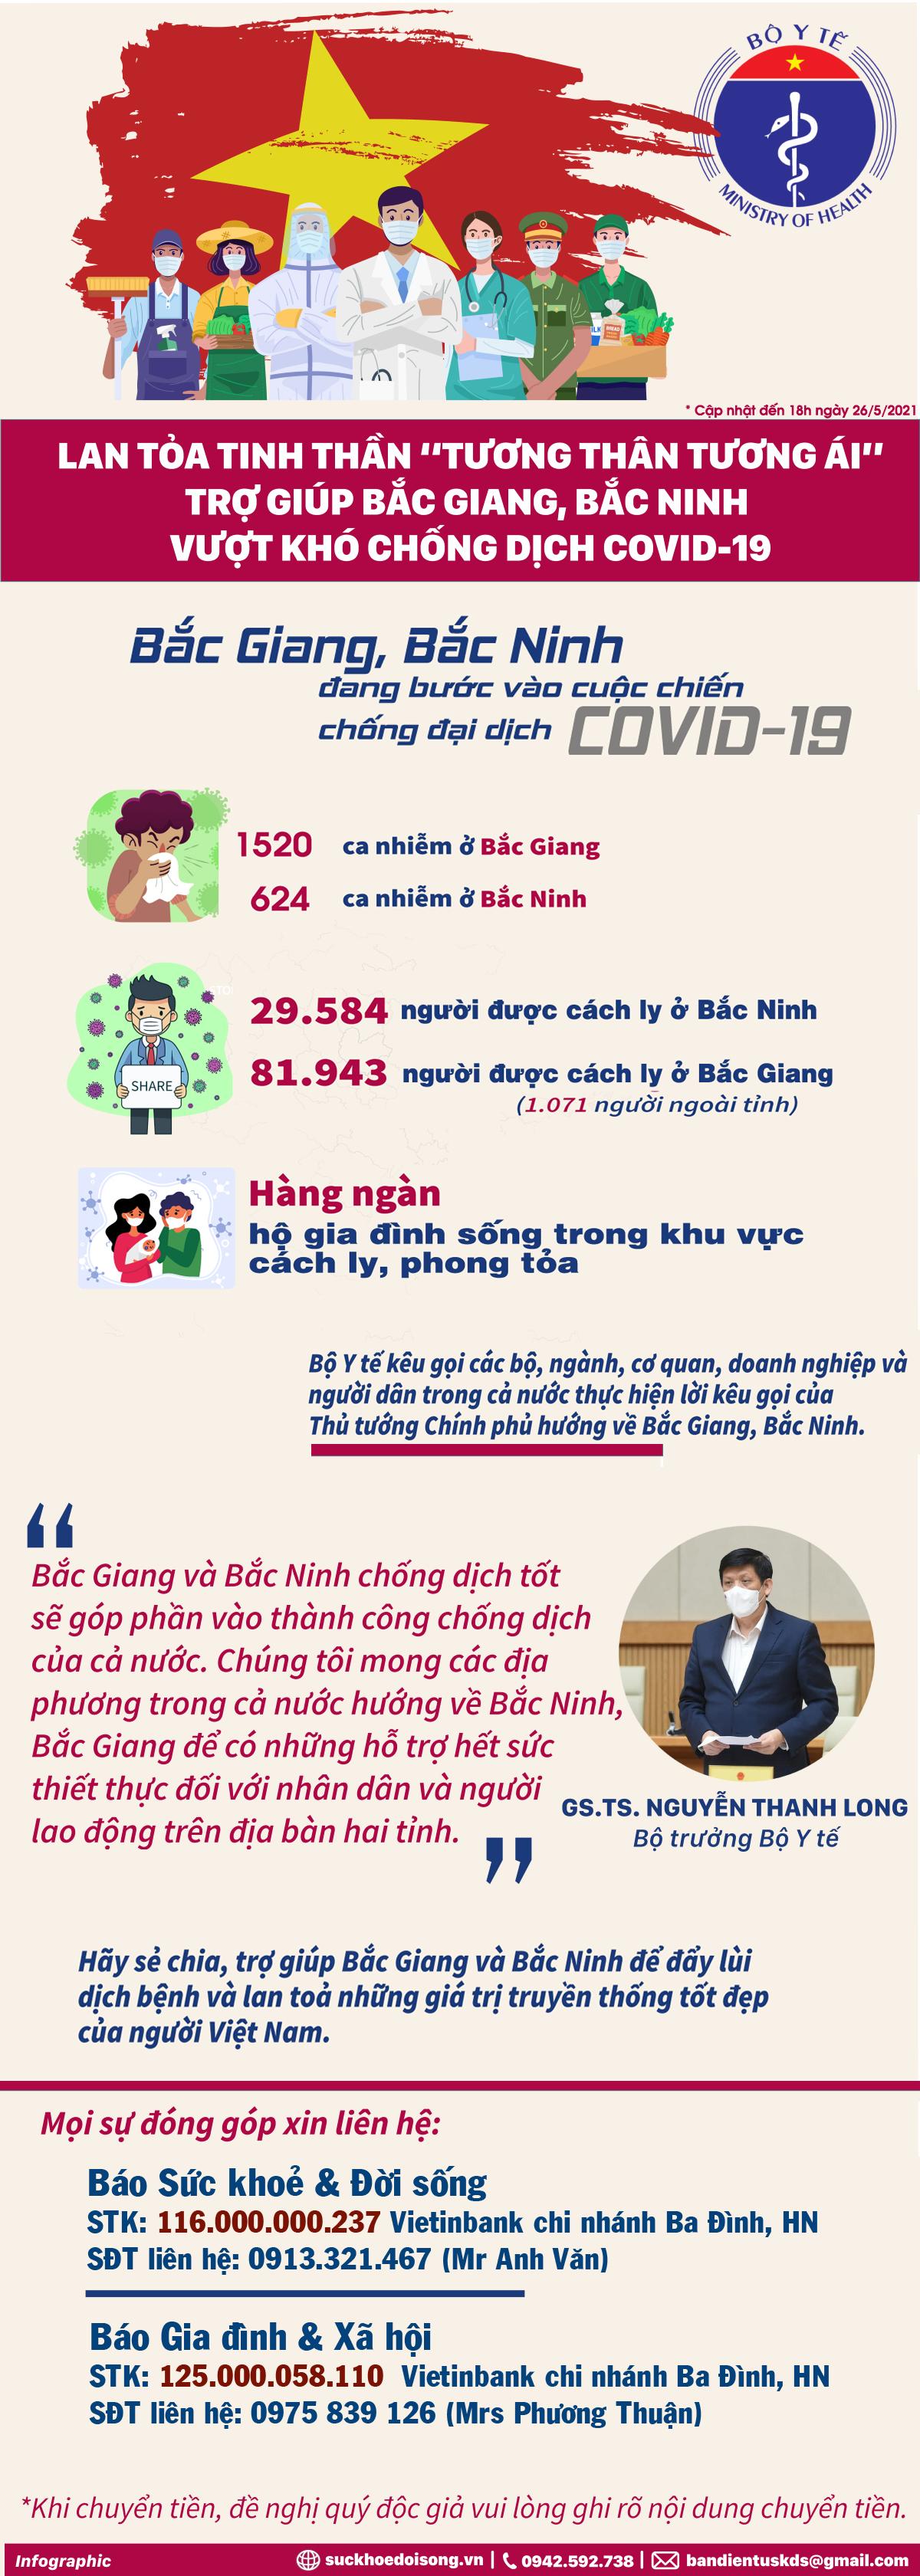 Báo Sức khỏe & Đời sống và Báo Gia đình & Xã hội kêu gọi hơn 1,8 tỷ đồng hỗ trợ Bắc Giang, Bắc Ninh chống dịch - Ảnh 15.